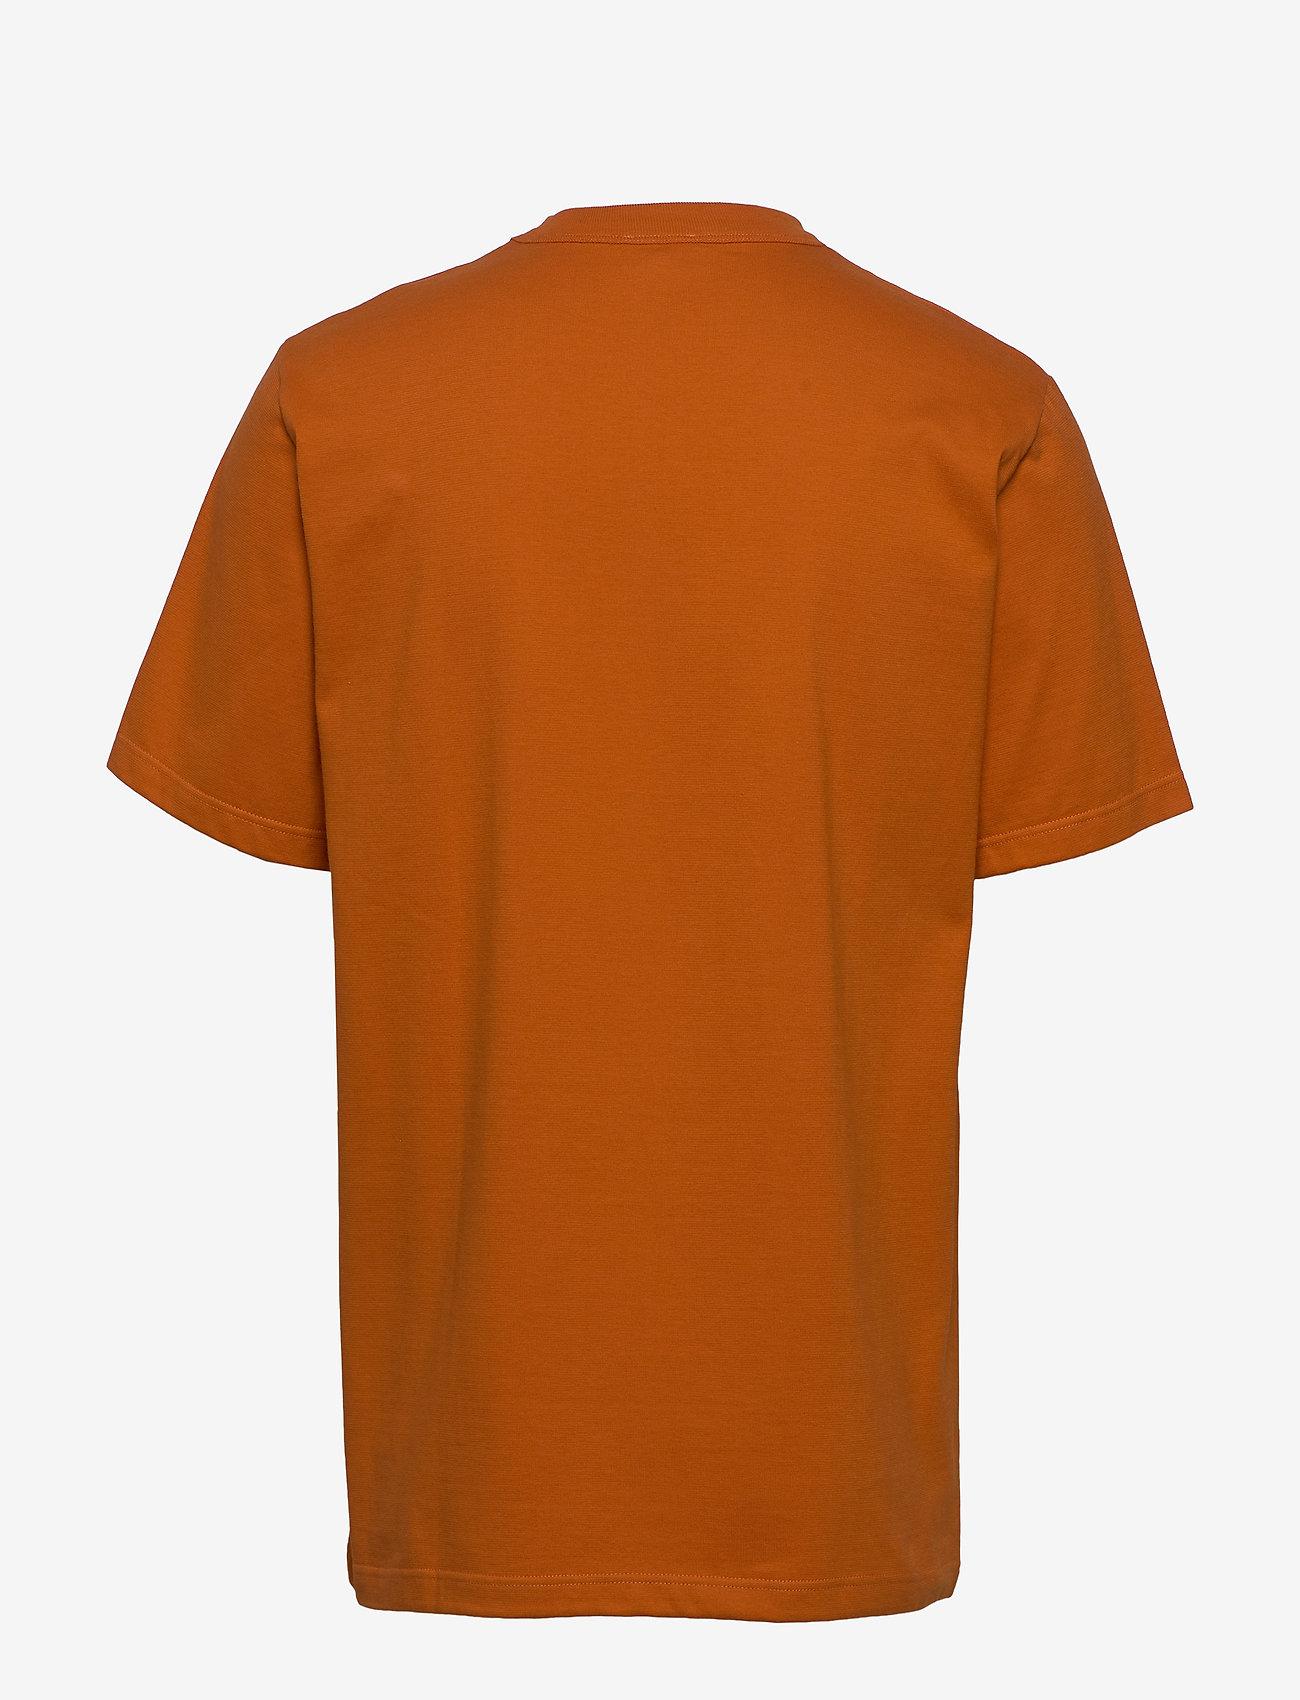 Armor Lux Round Neck T-Shirt - T-skjorter WHISKY - Menn Klær